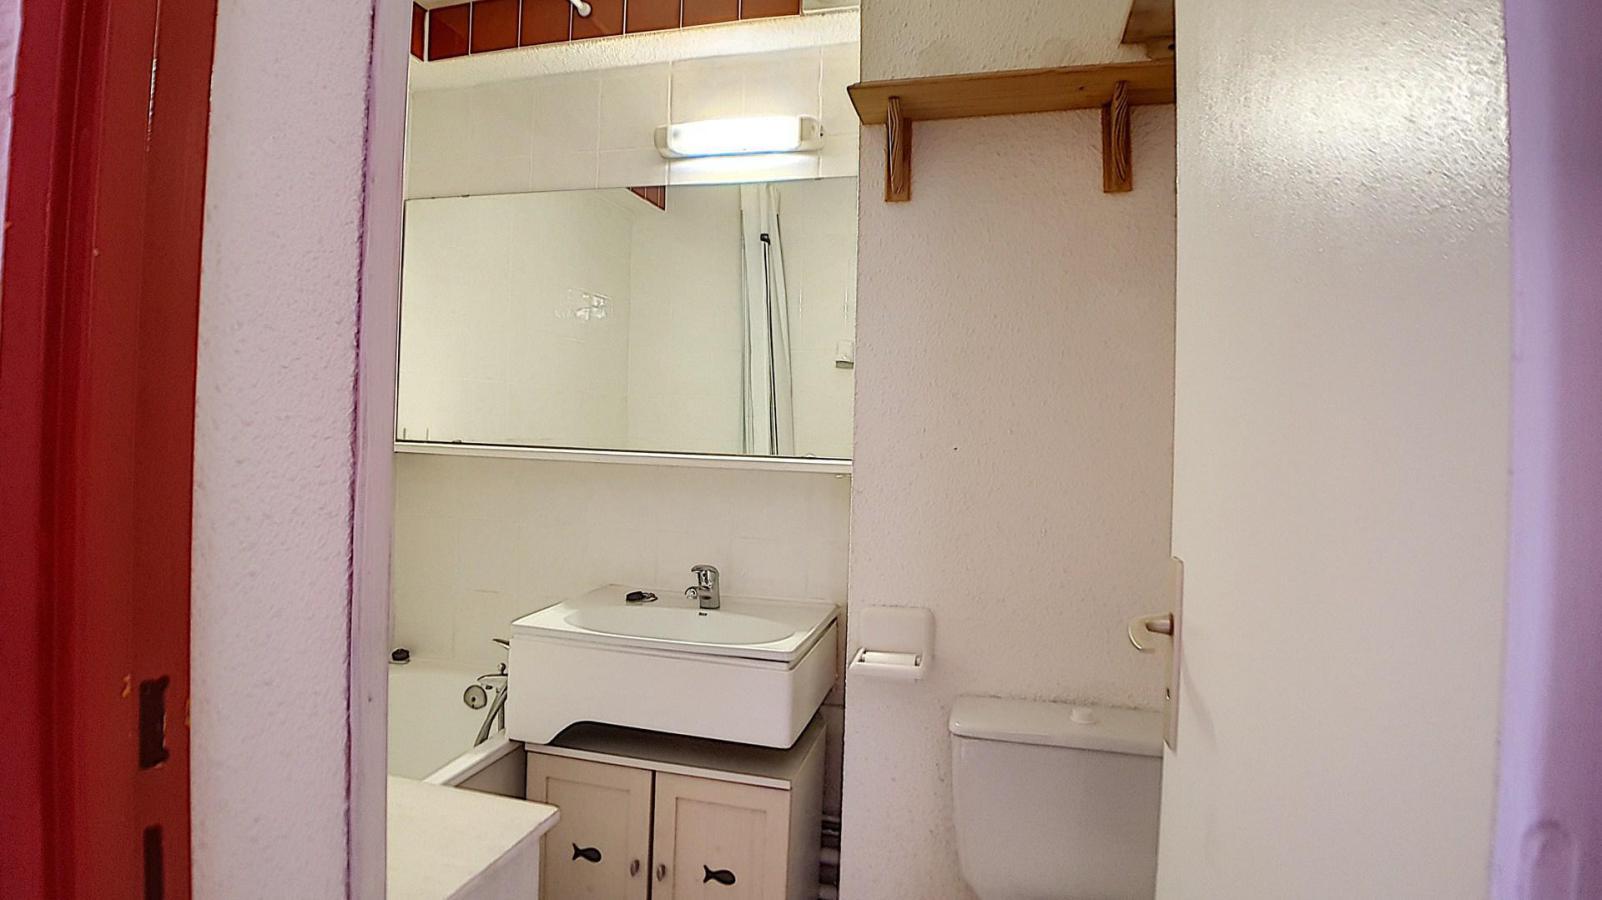 Location au ski Appartement 2 pièces 4 personnes (521) - Residence Le Median - Les Menuires - Appartement